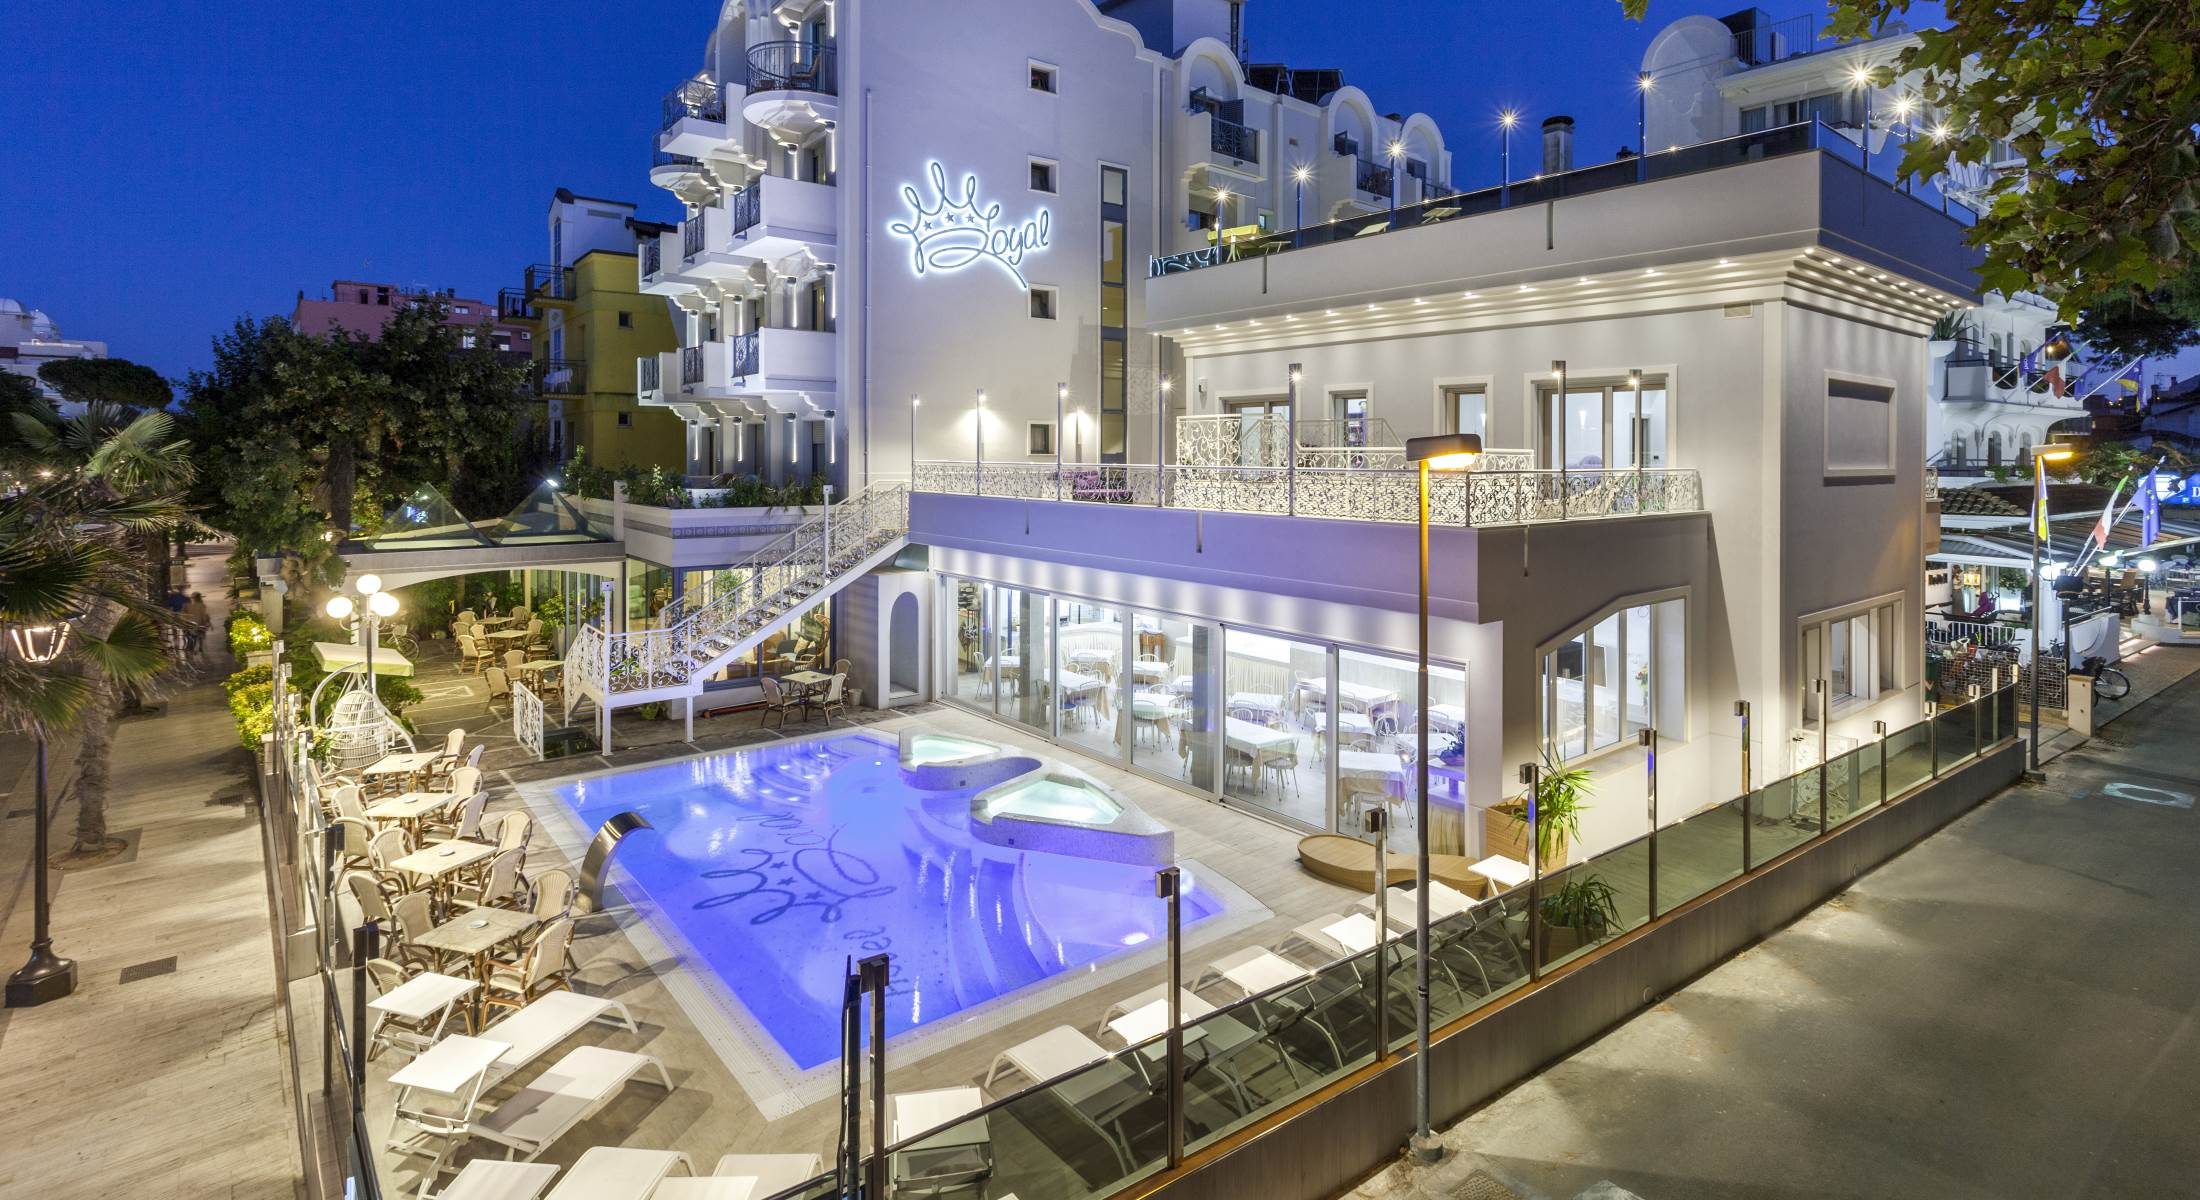 Hotel royal riccione a riccione prenotazione di un hotel - Hotel con piscina a riccione ...